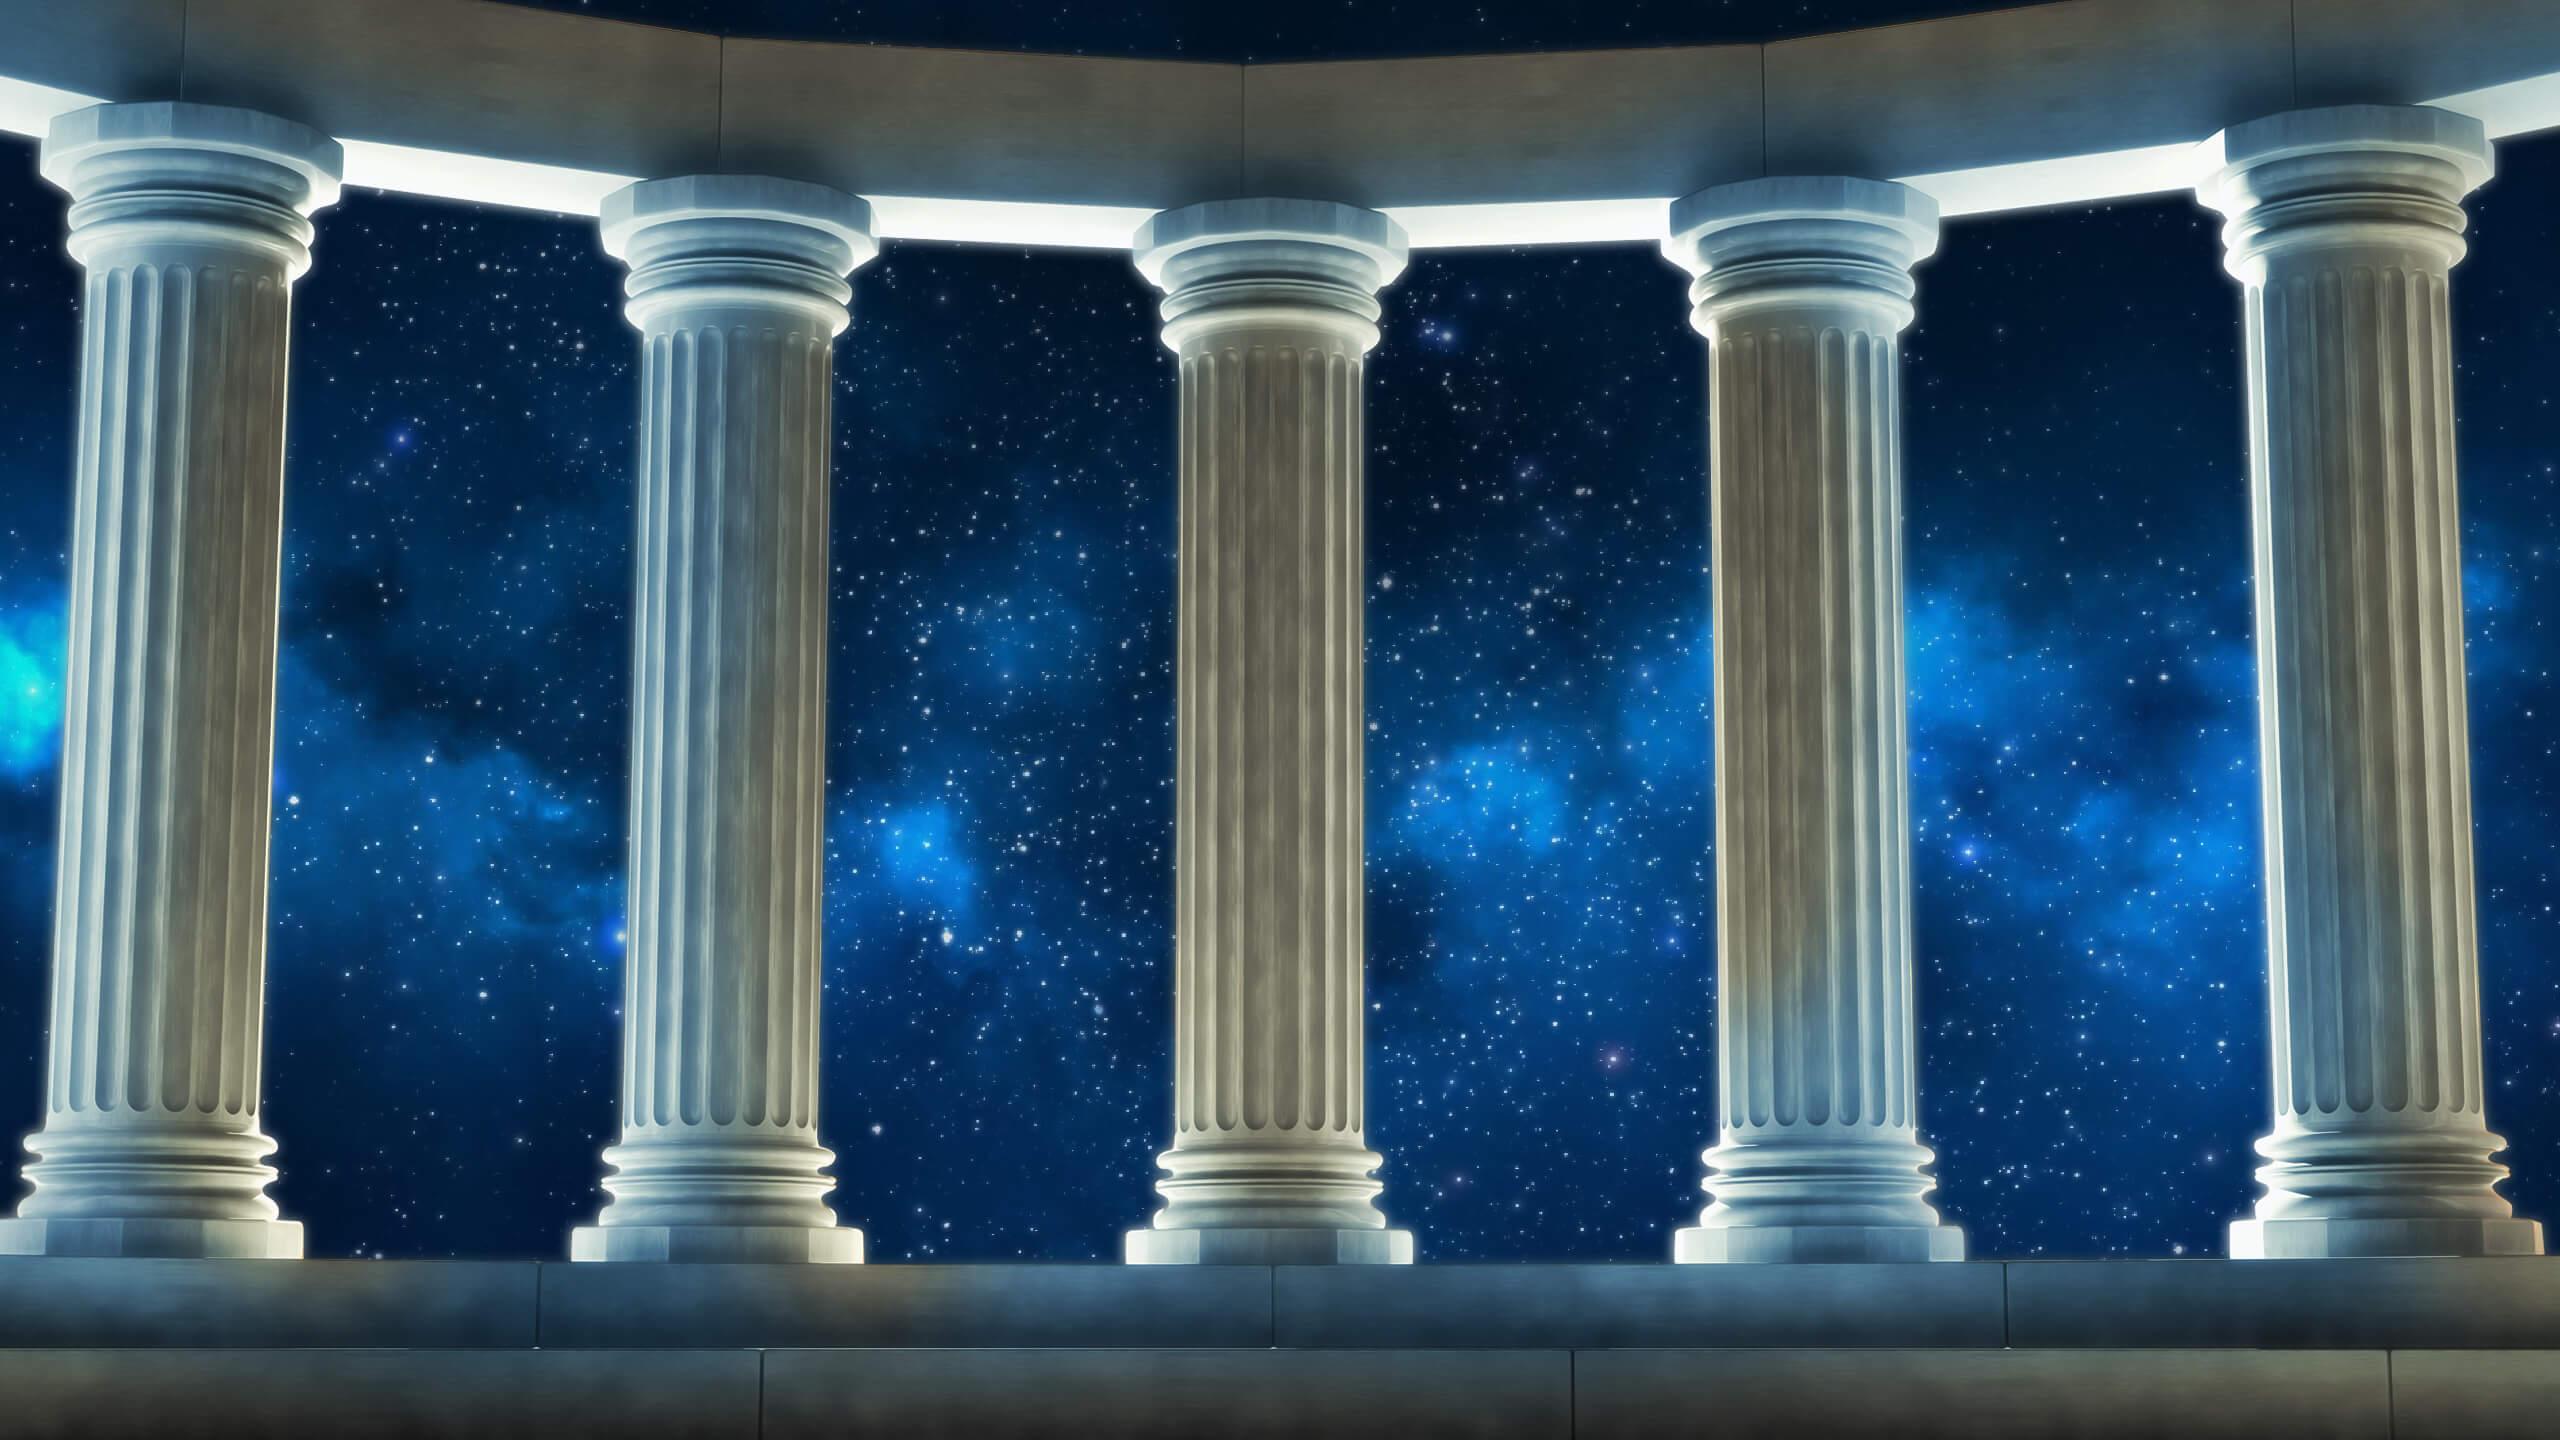 Dev Hd Wallpaper Luxury Rome Hd